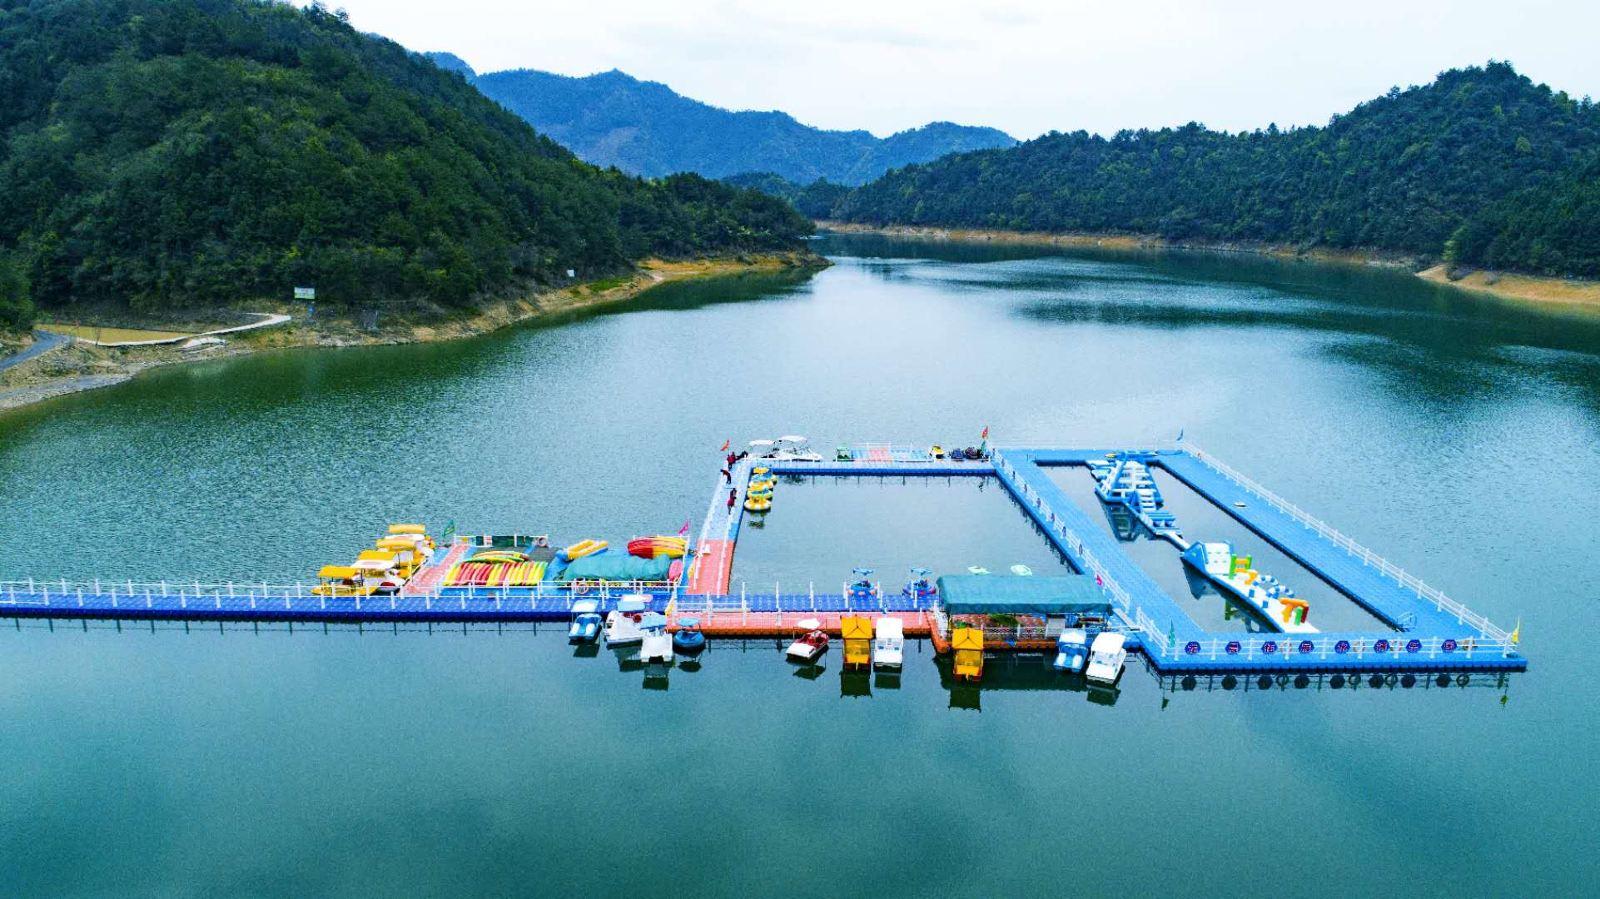 千岛湖龙晨拓展水搏乐园